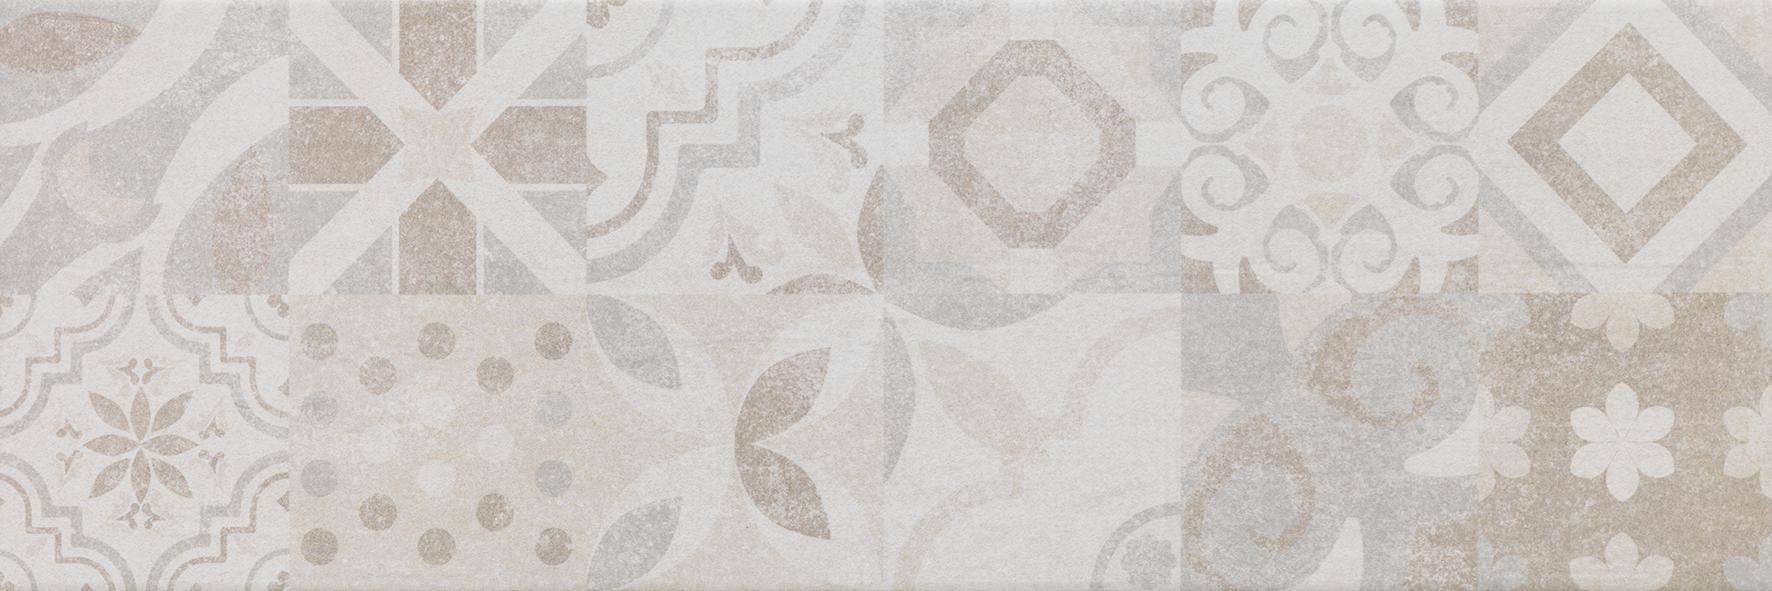 PF00016582_Brera 20x60,4 Dec Art_3